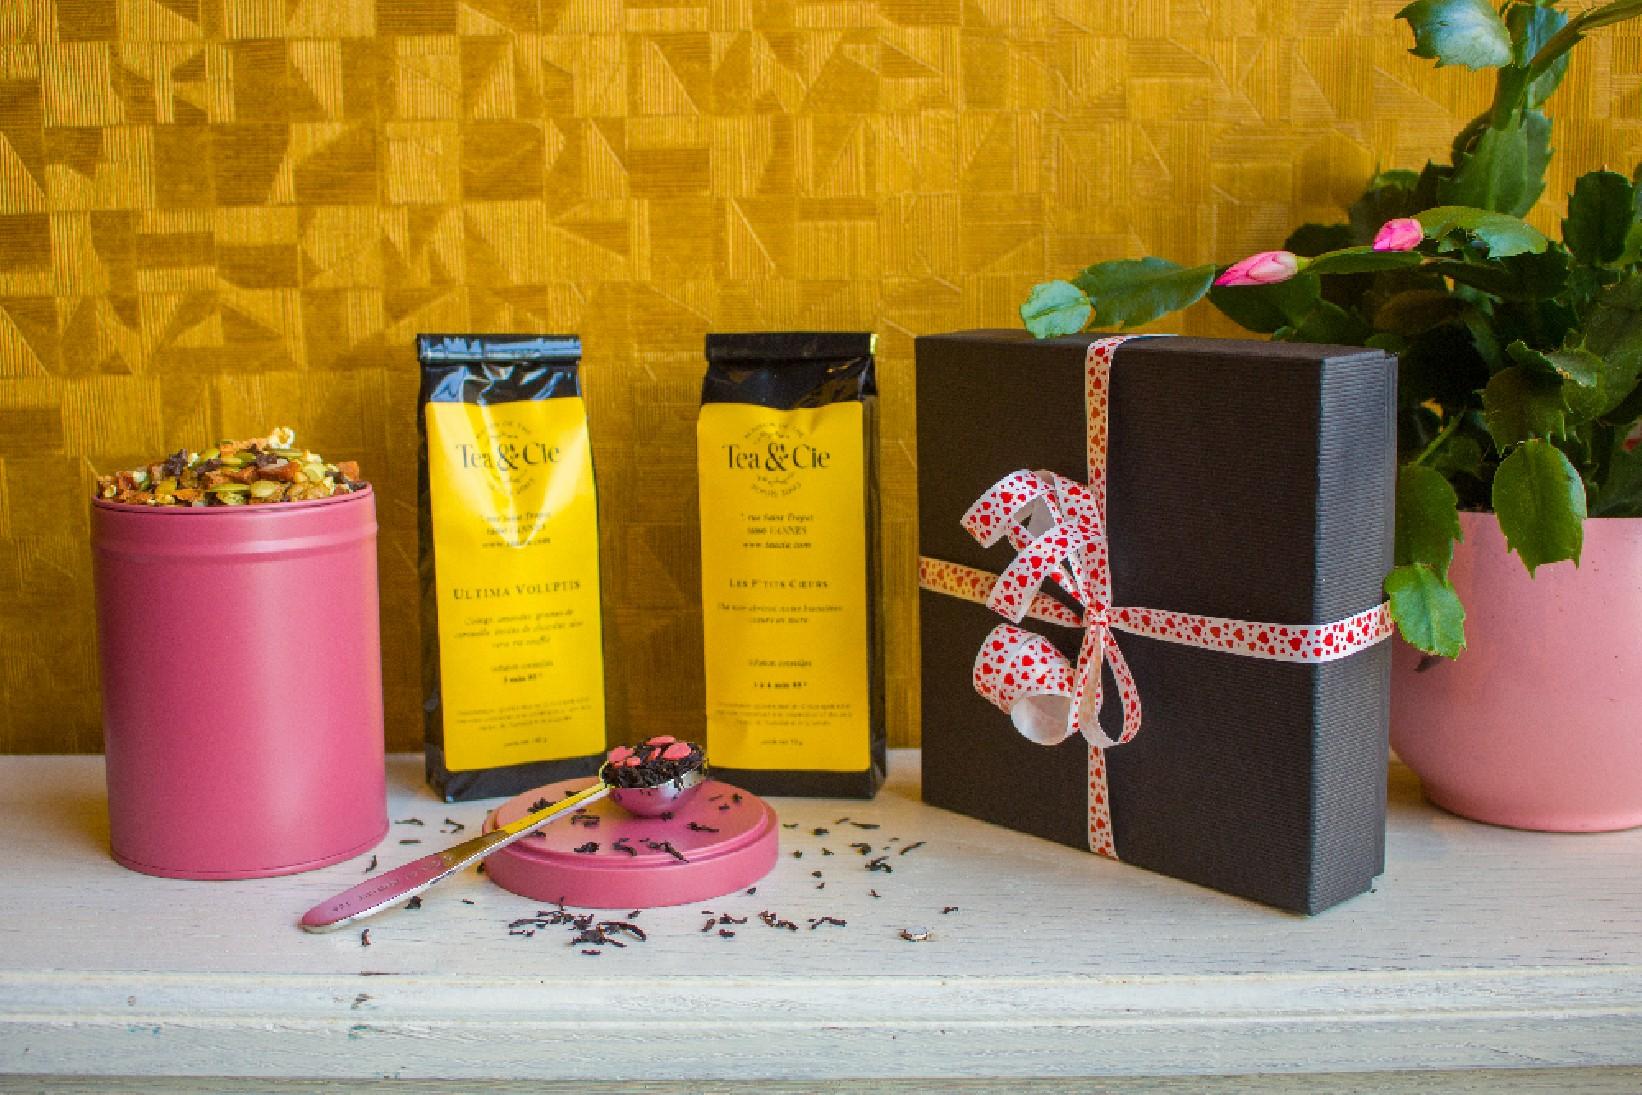 Coffret St Valentin, 1 thé, 1 infusion, 1 cuillère dose - Maison de thé Tea&Cie